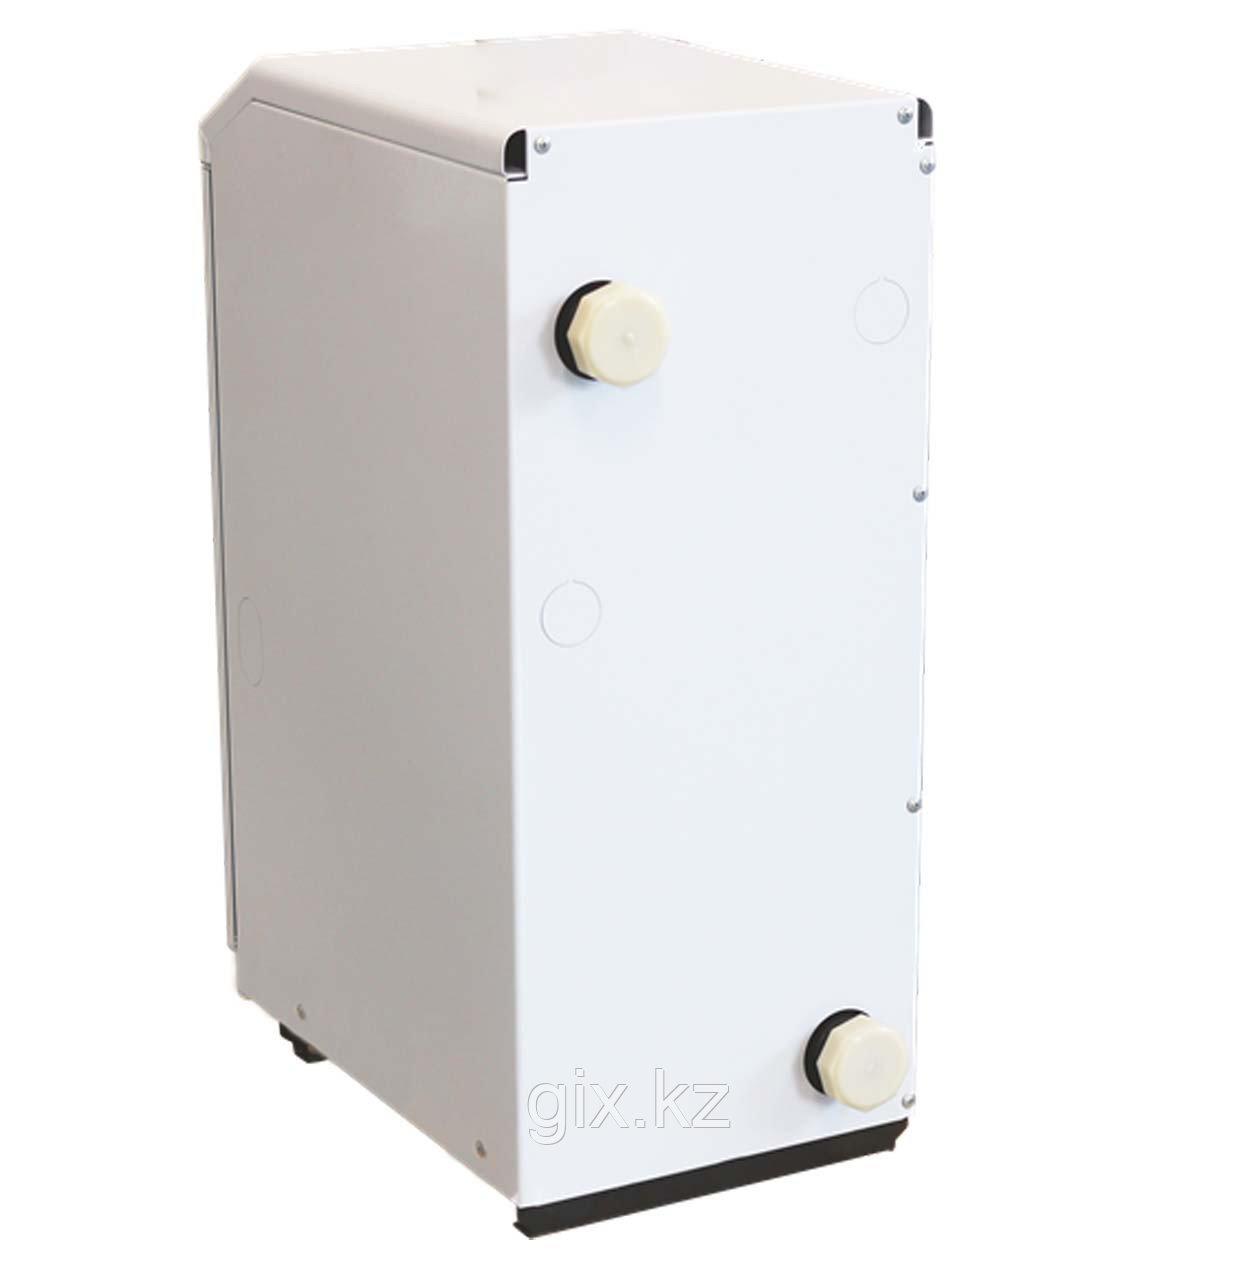 """КСГ 25EM """"Очаг"""" Стандарт (газовый клапан MiniSit-710)"""